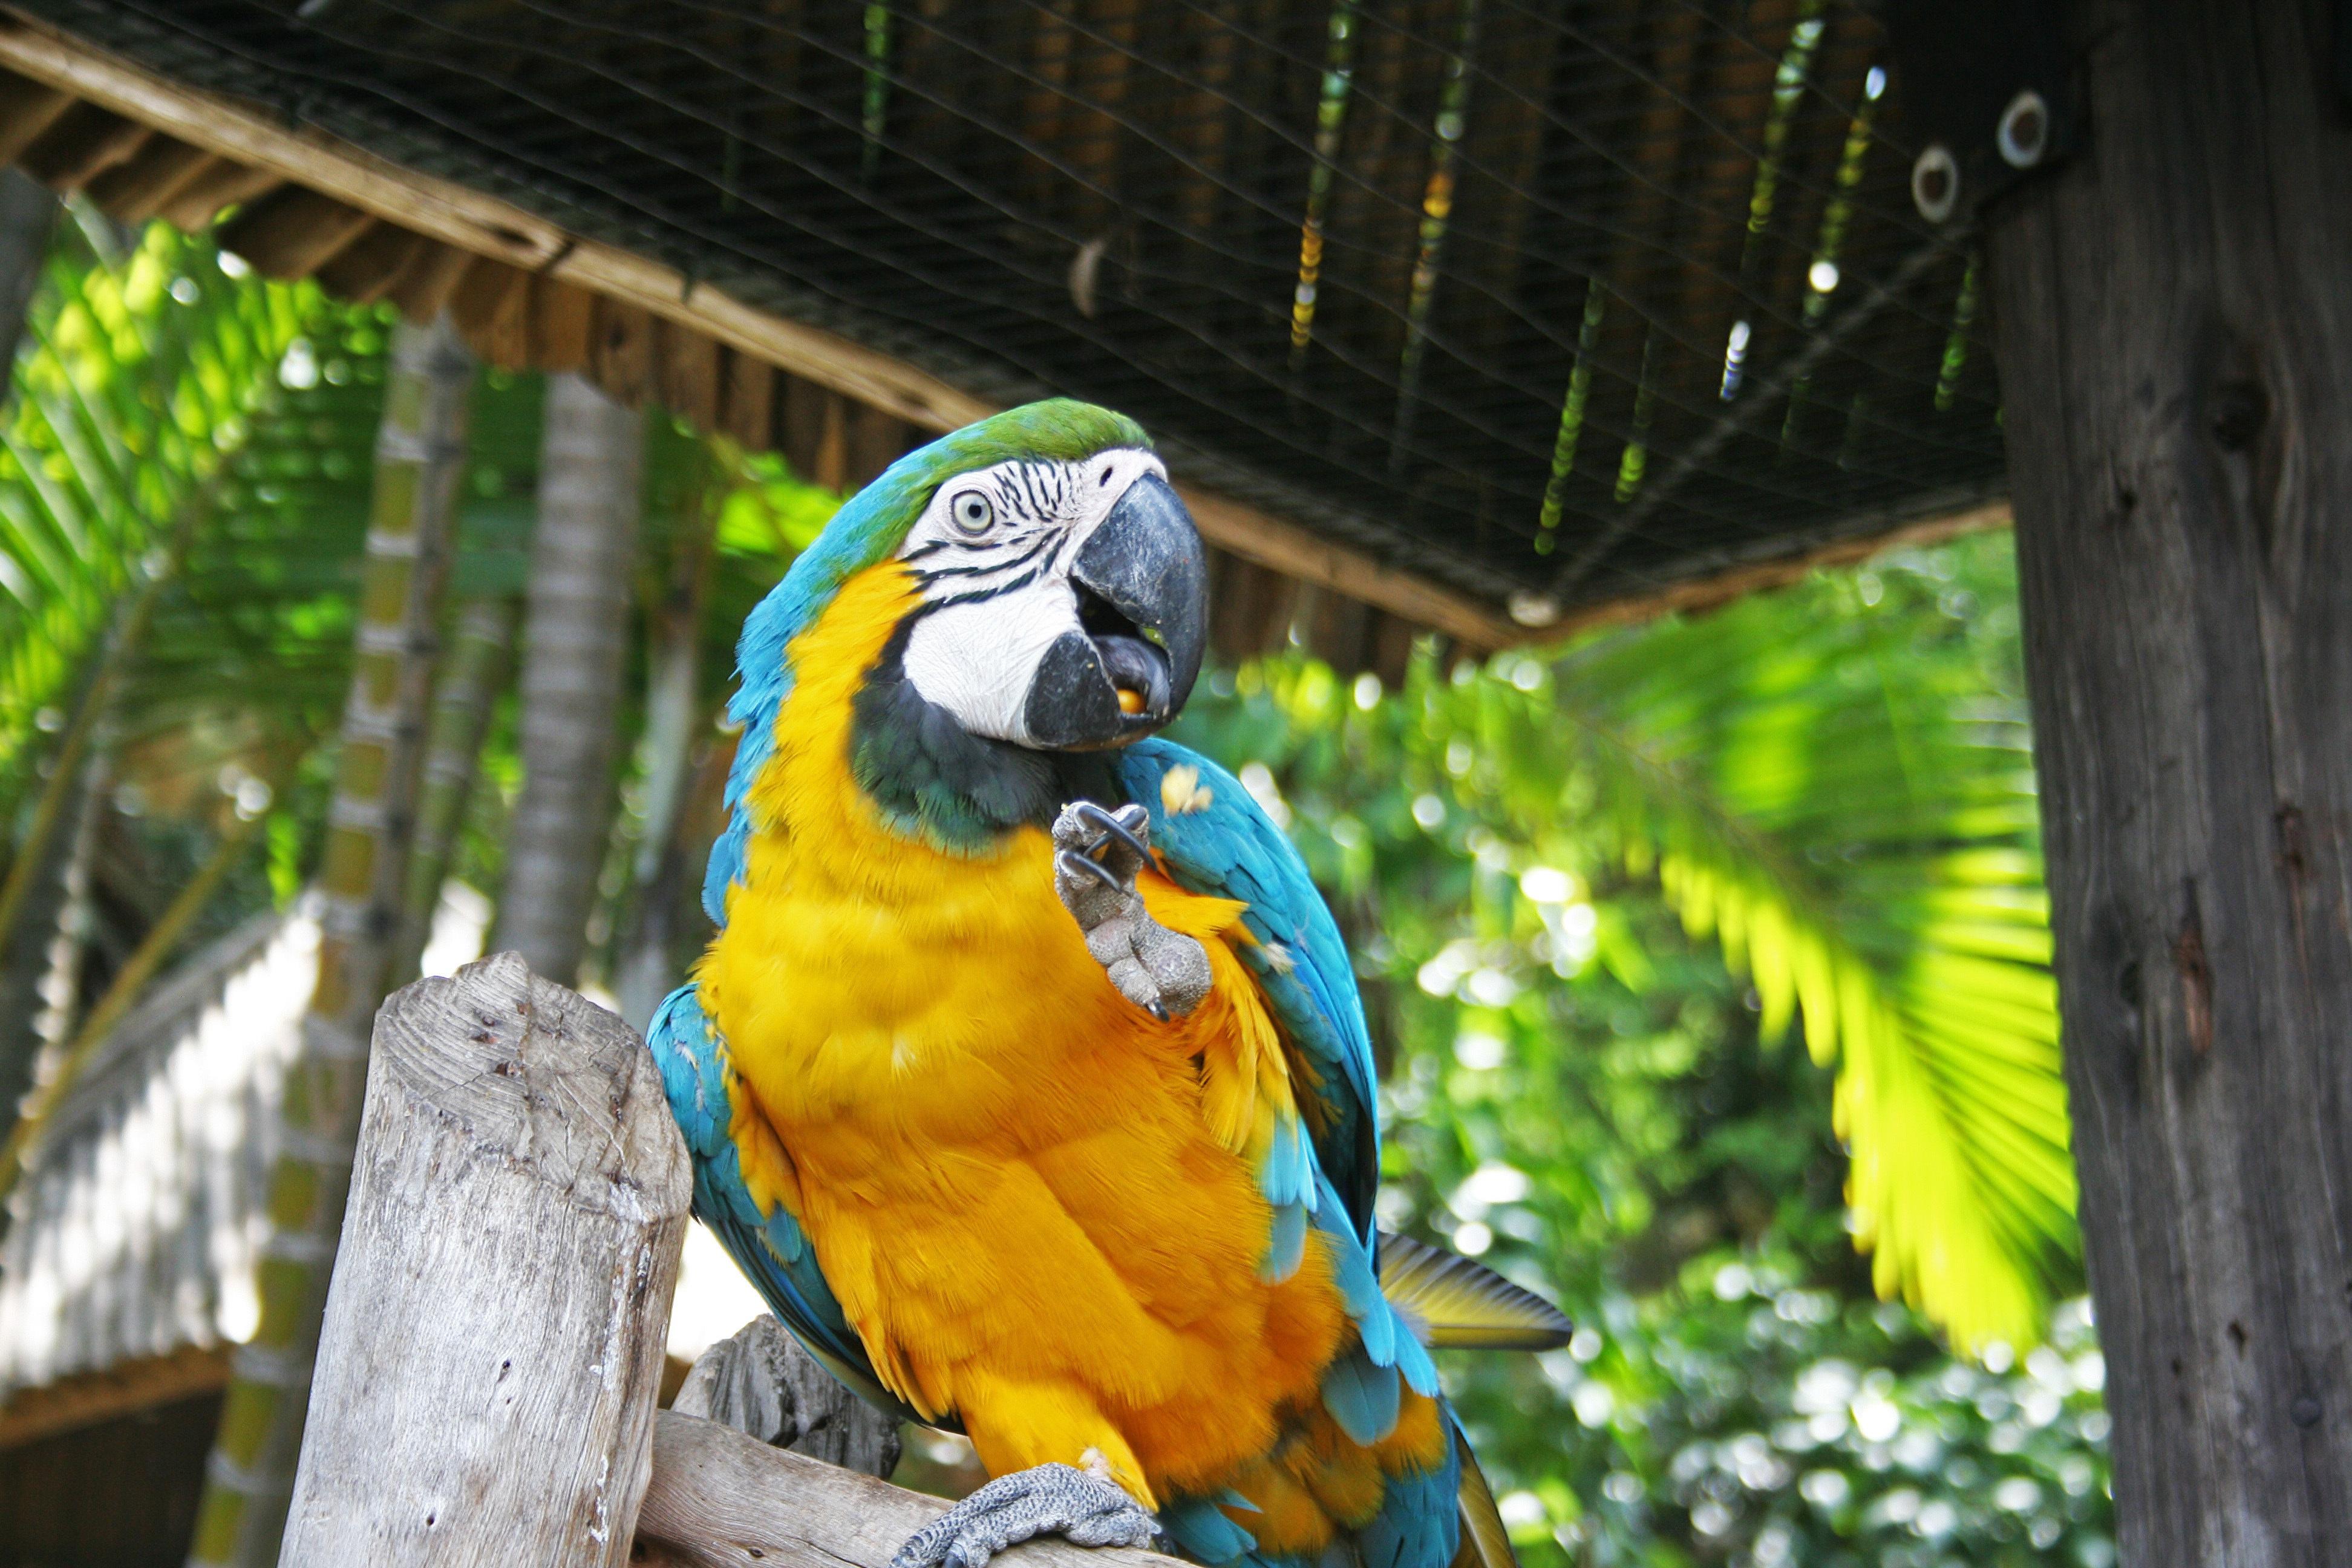 Poze Pasăre Animale Sălbatice Grădină Zoologică Junglă